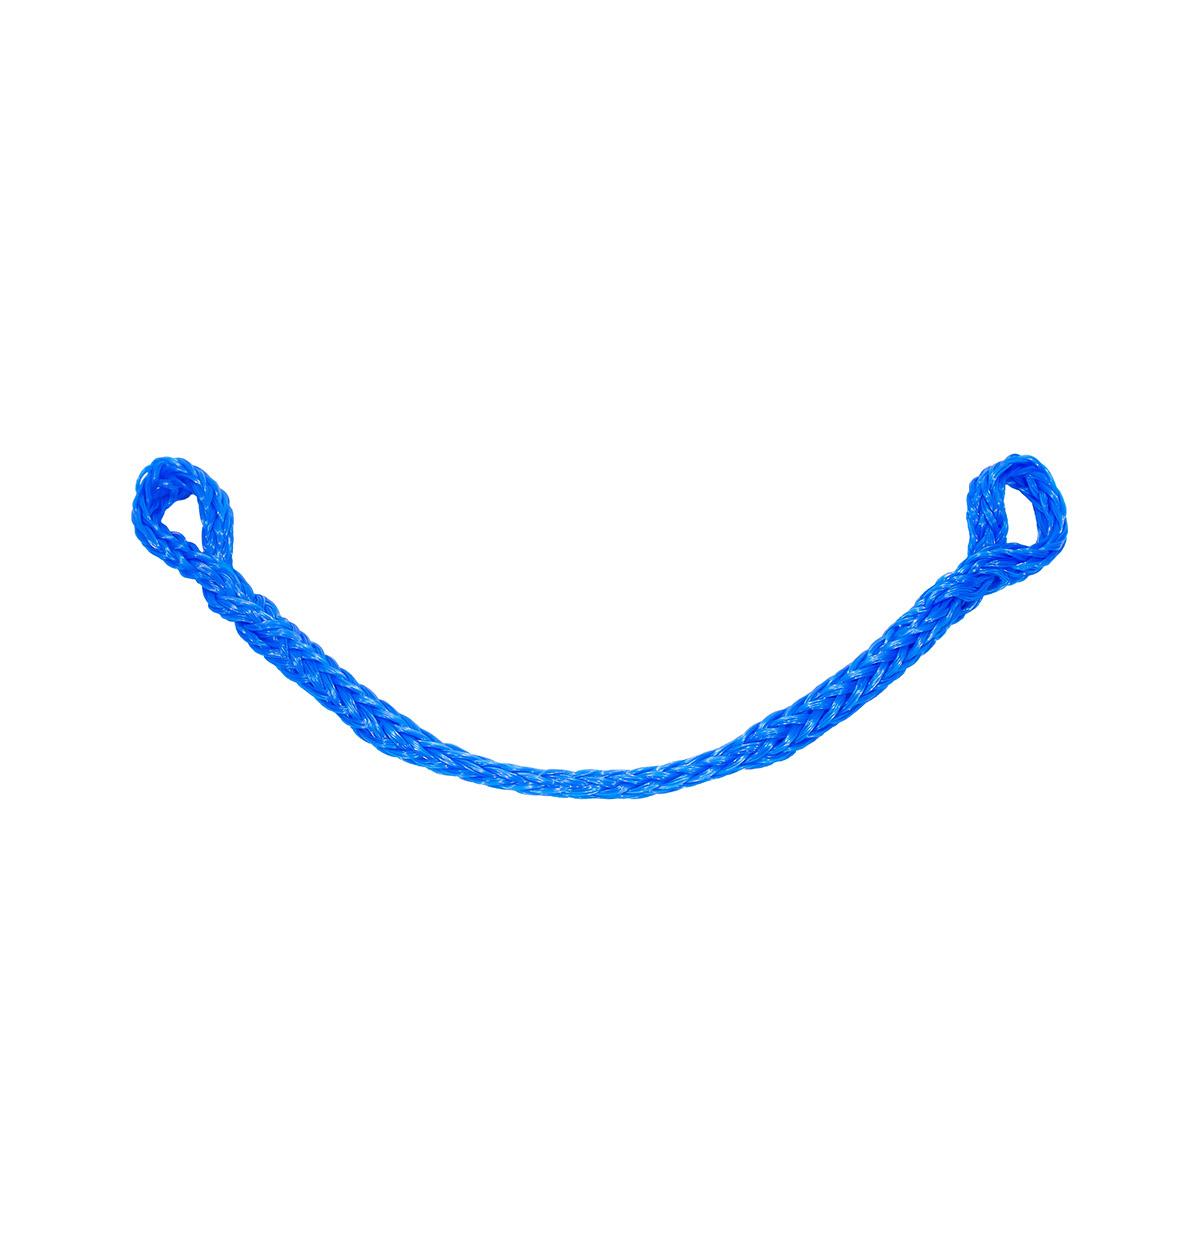 Northern Howl Neckline in blue